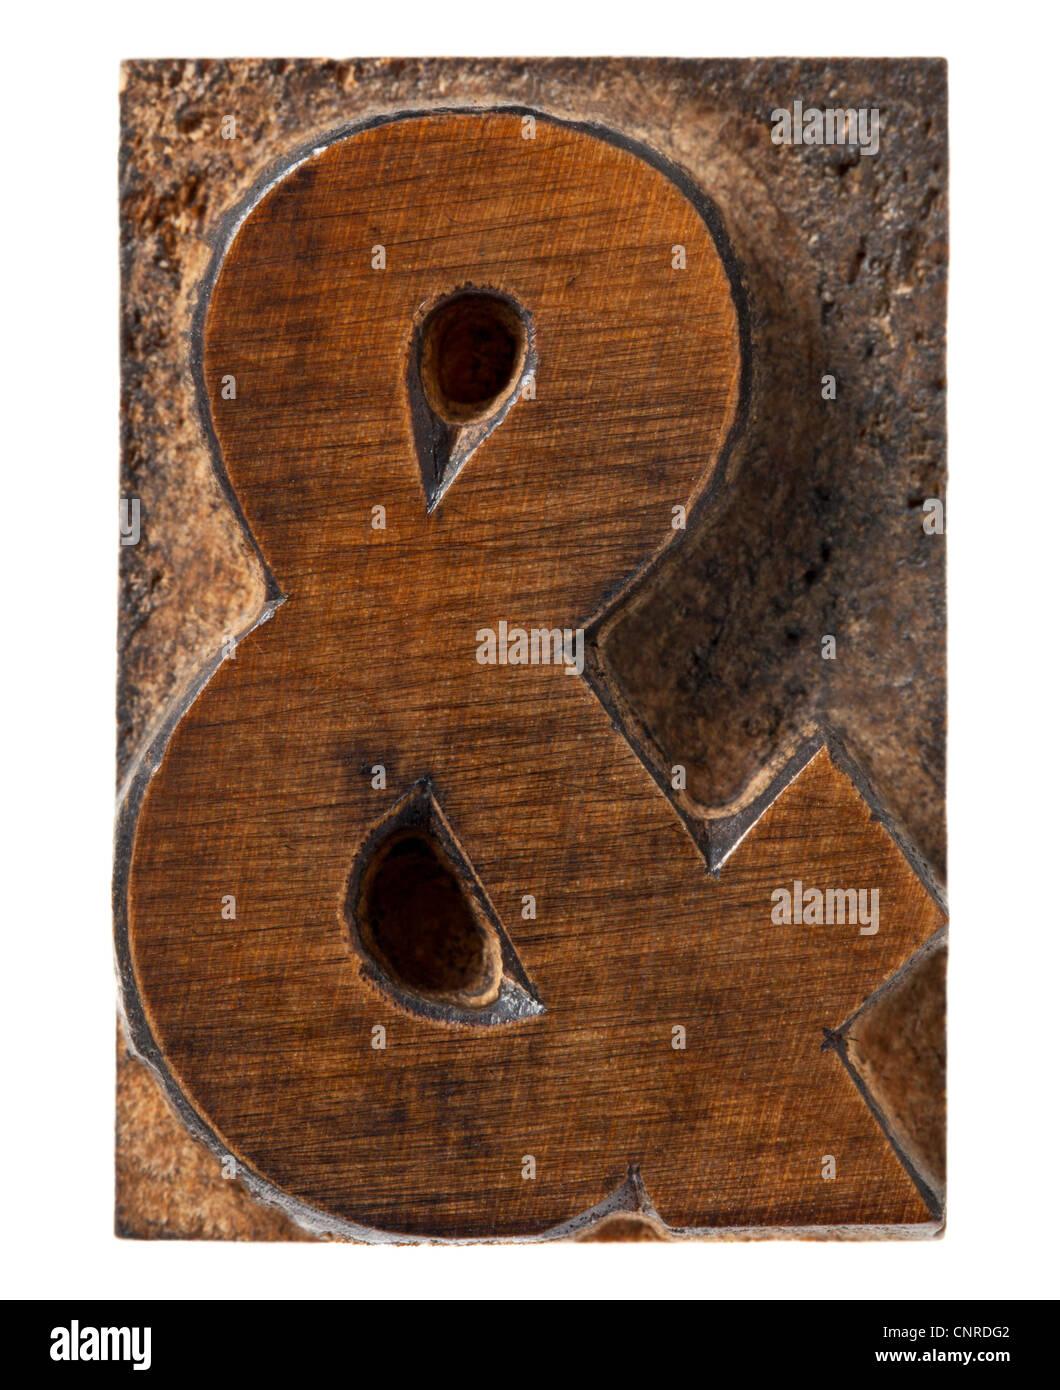 Ampersand simbolo - isolato in legno vintage rilievografia blocco tipo Immagini Stock